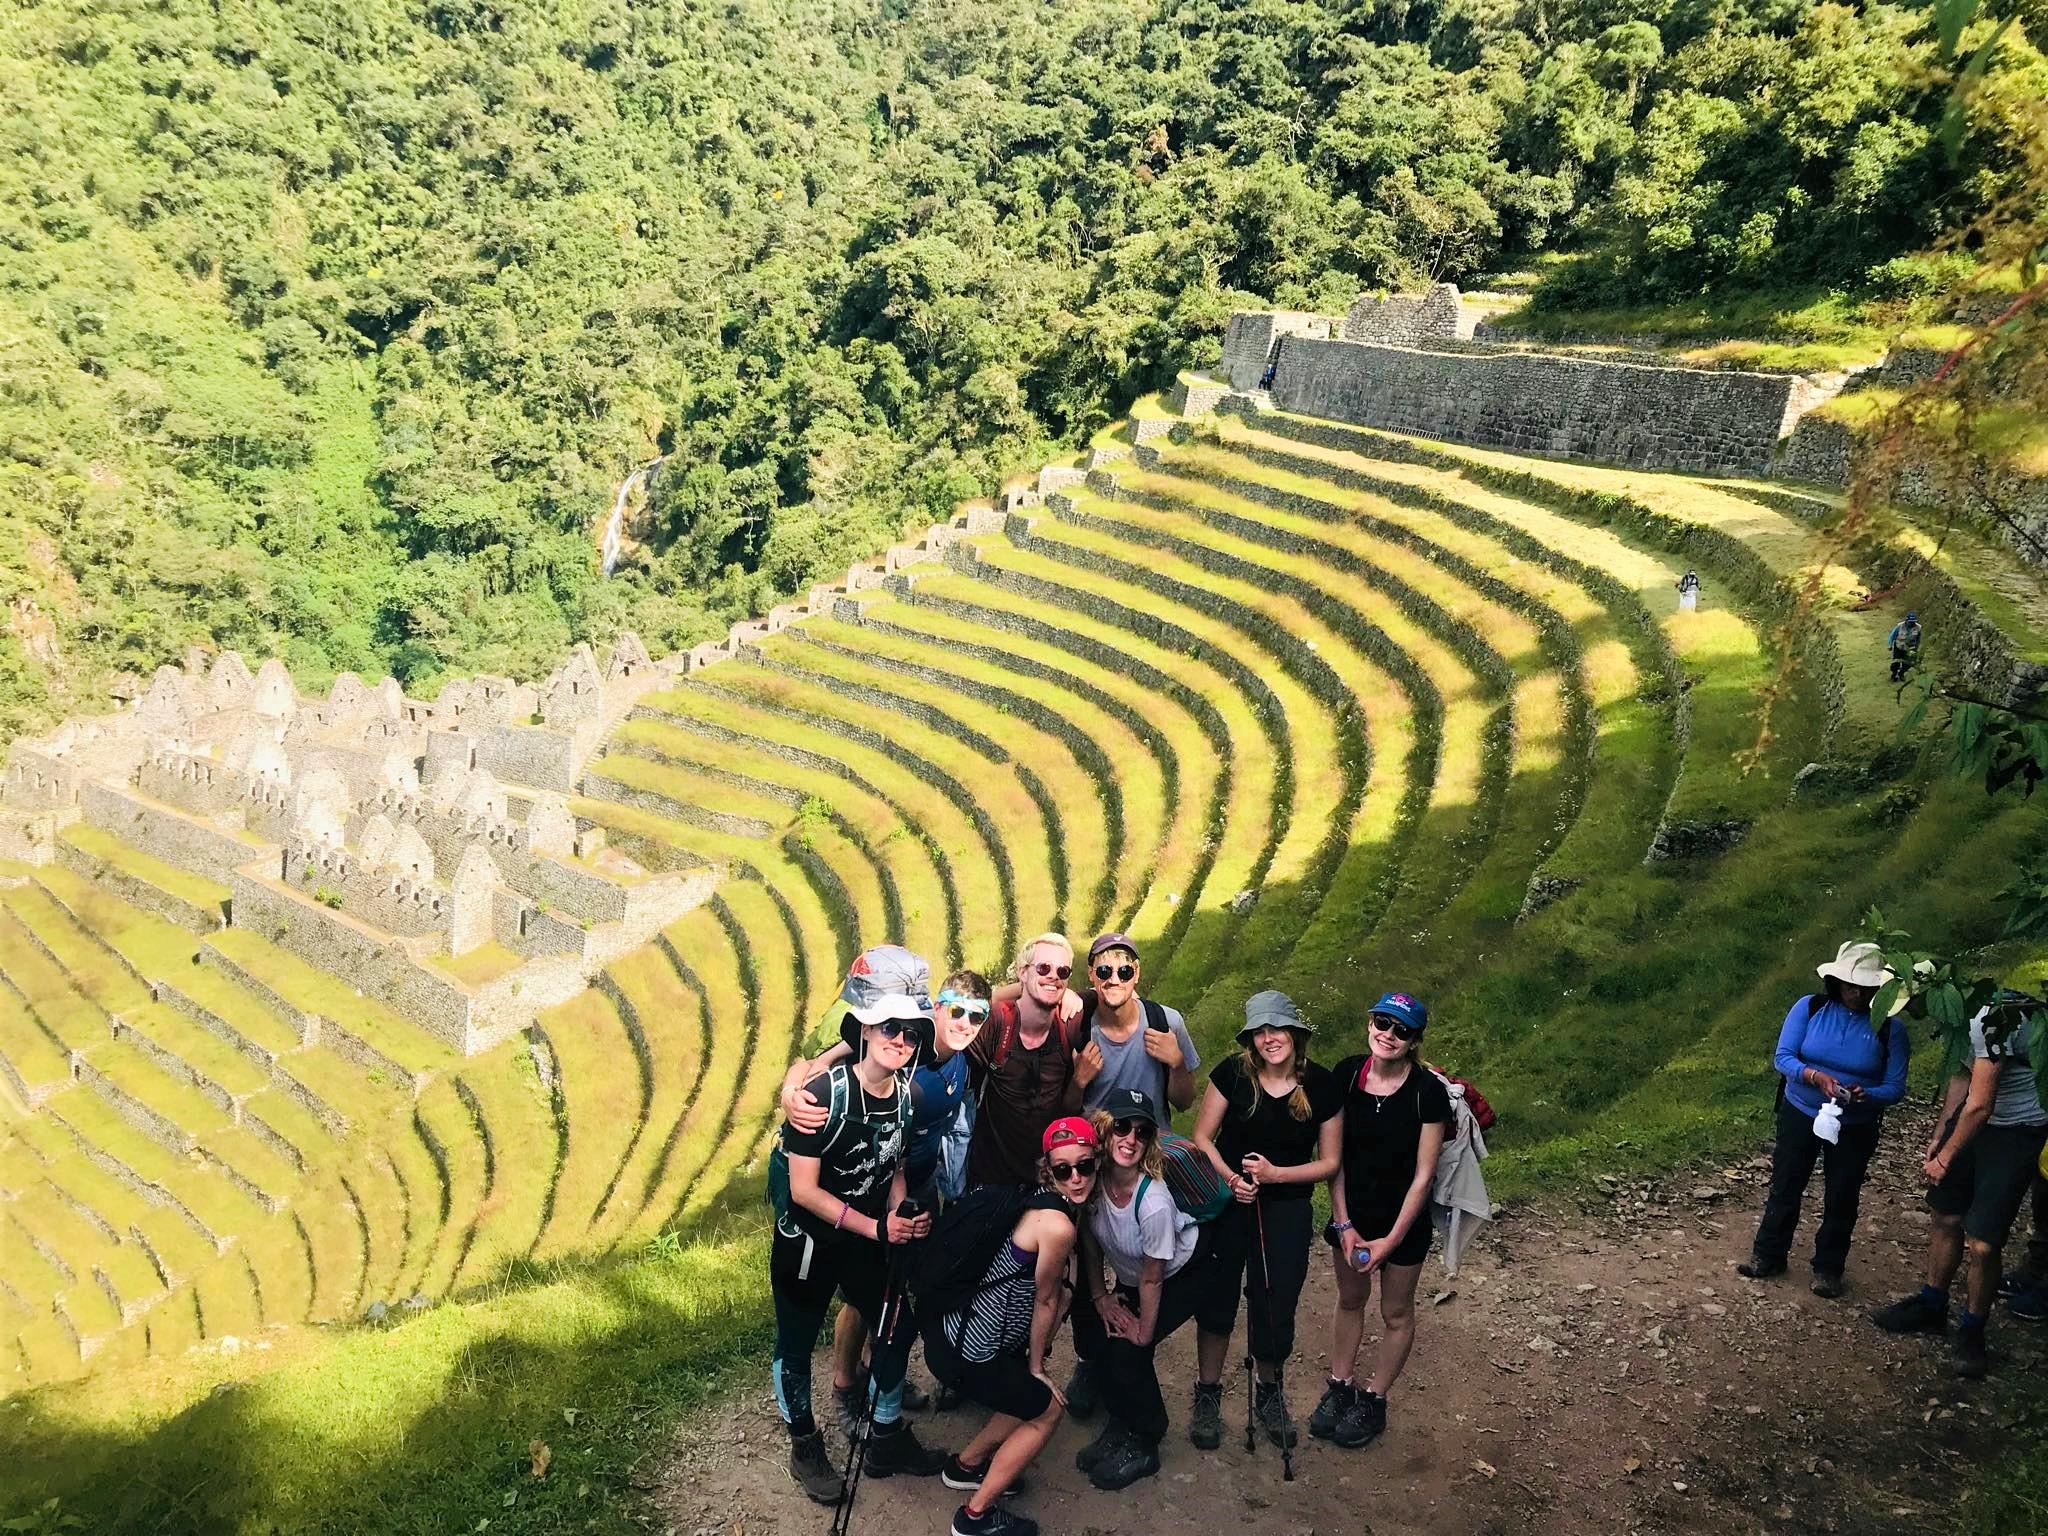 Alternative Inca Trail to Machu Picchu 4D/3N